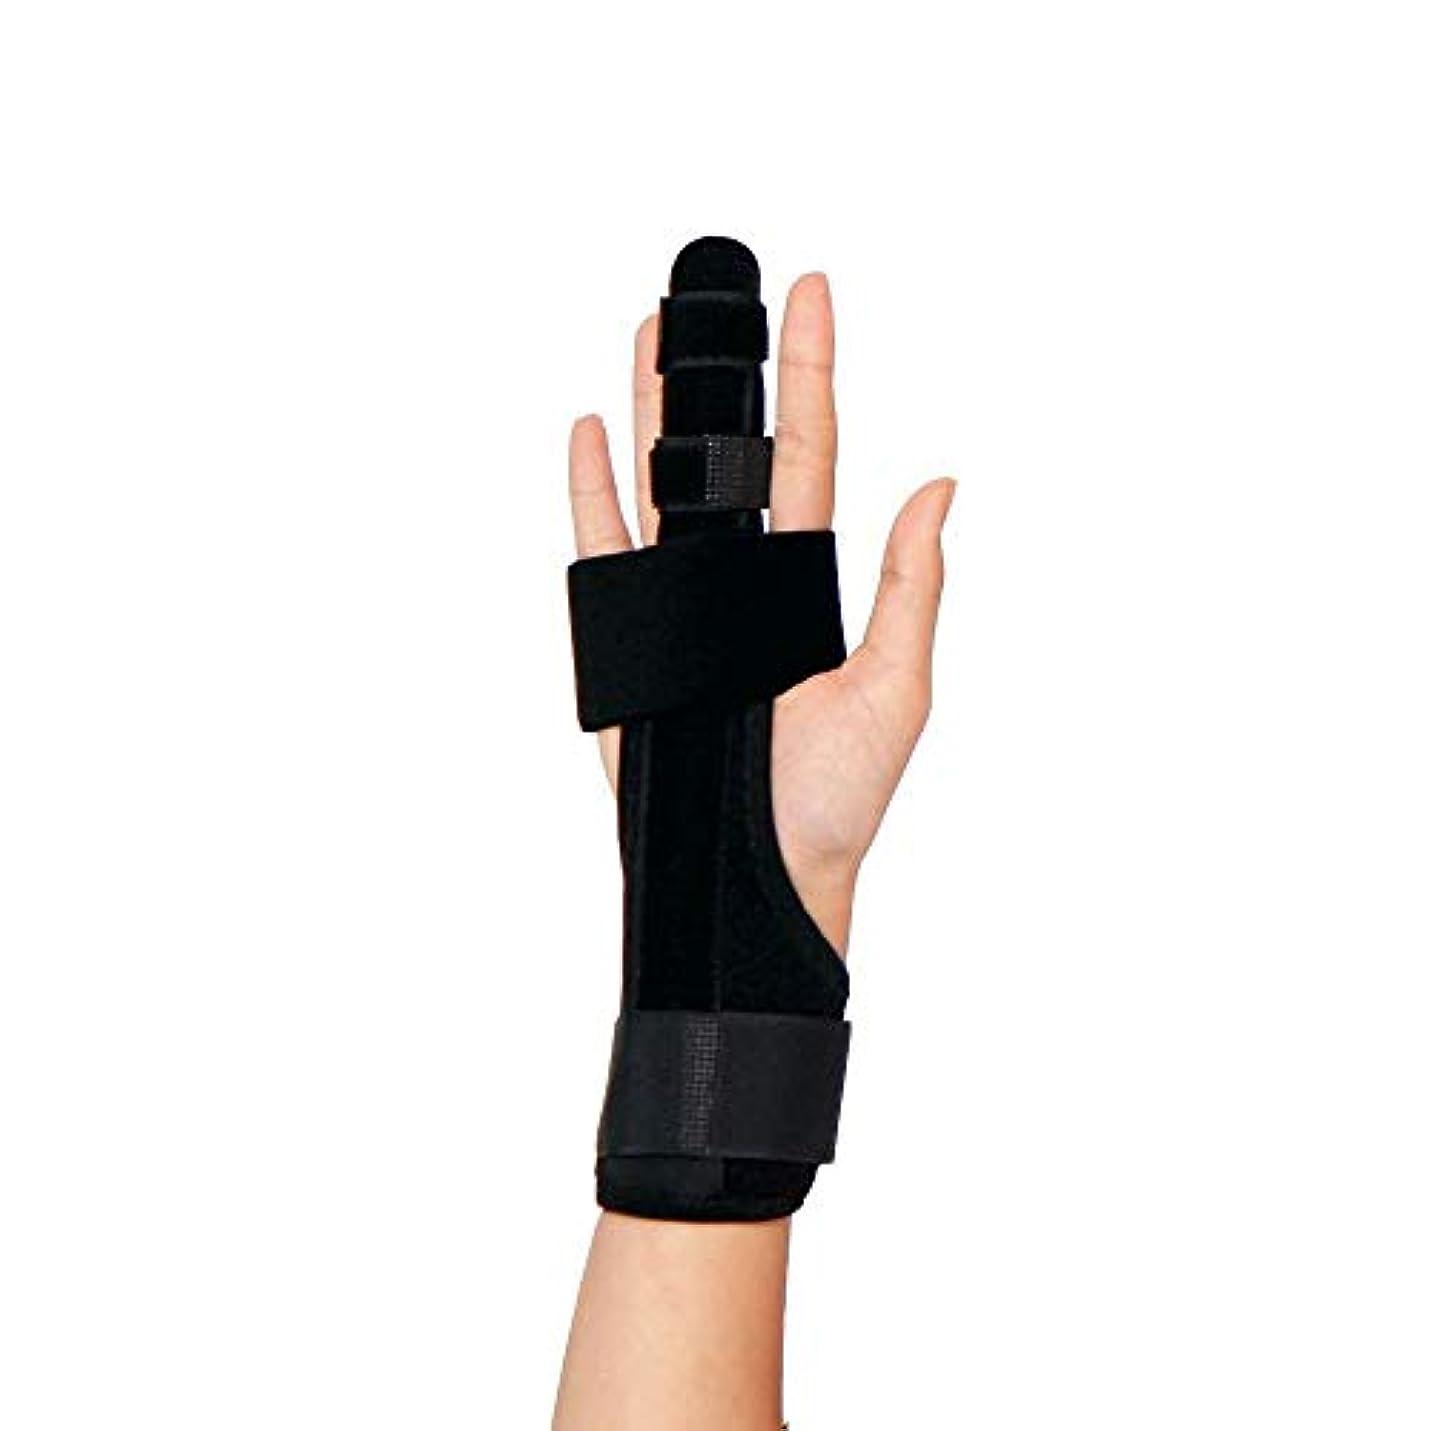 提出するレザー曲げるトリガーフィンガースプリントフィンガーブレース、折れた指用の快適なフィンガースプリント、曲がったマレットまたは関節炎の指関節用の調整可能なプロテクター